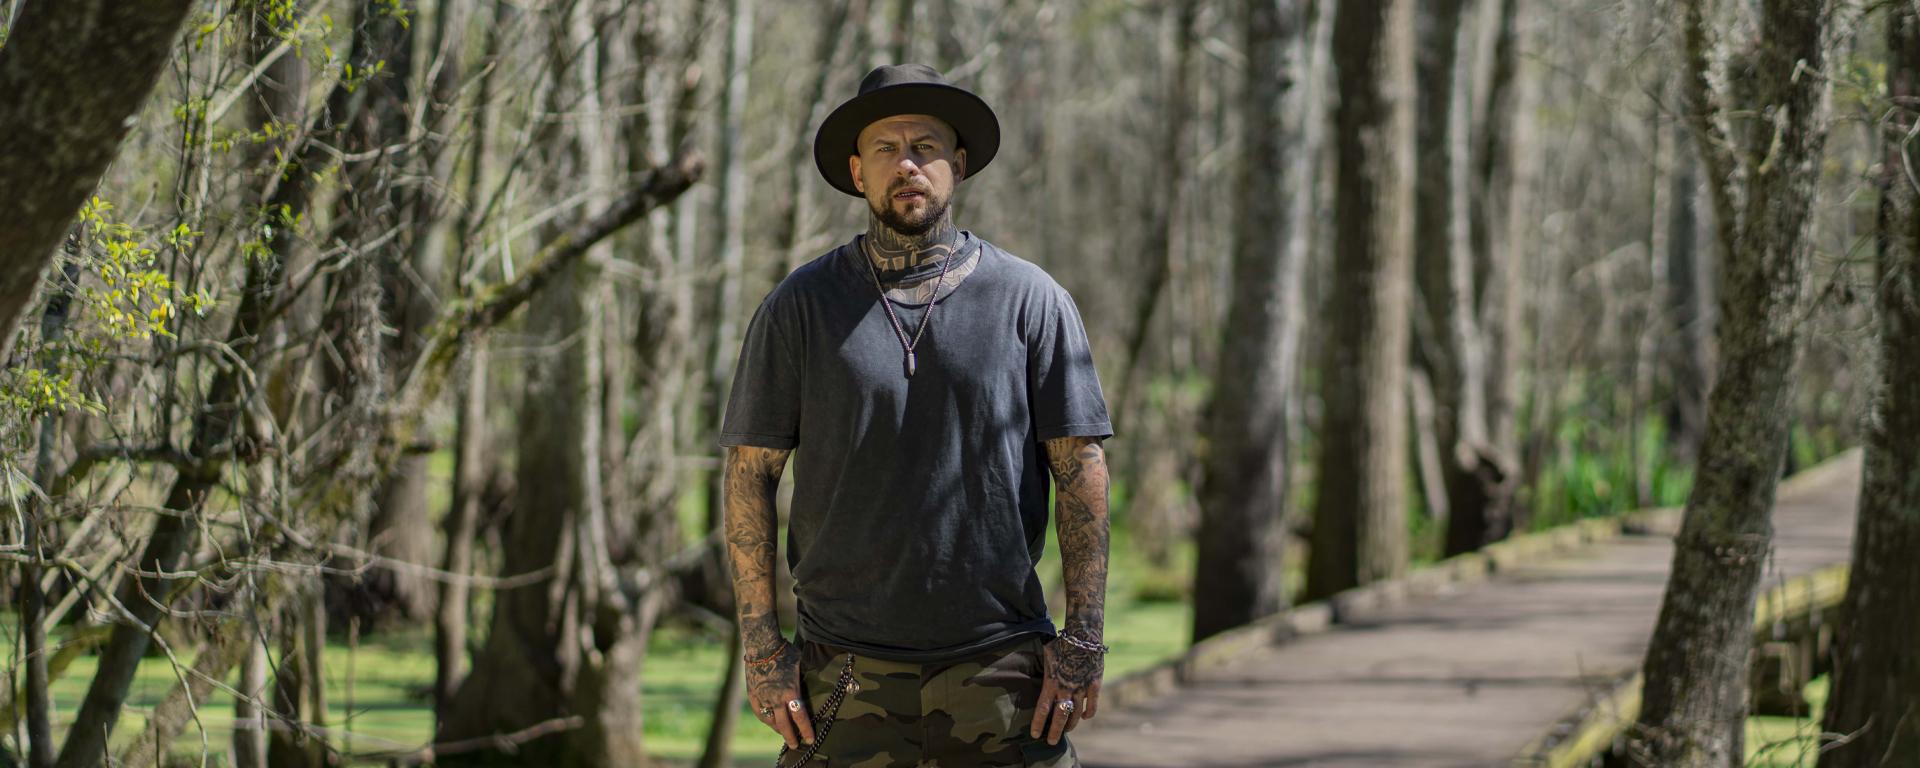 """Marpo vydáva nový track """"Hillbilly"""" s videoklipom z Louisiany a oznamuje nový album """"Backwoods Bred""""."""